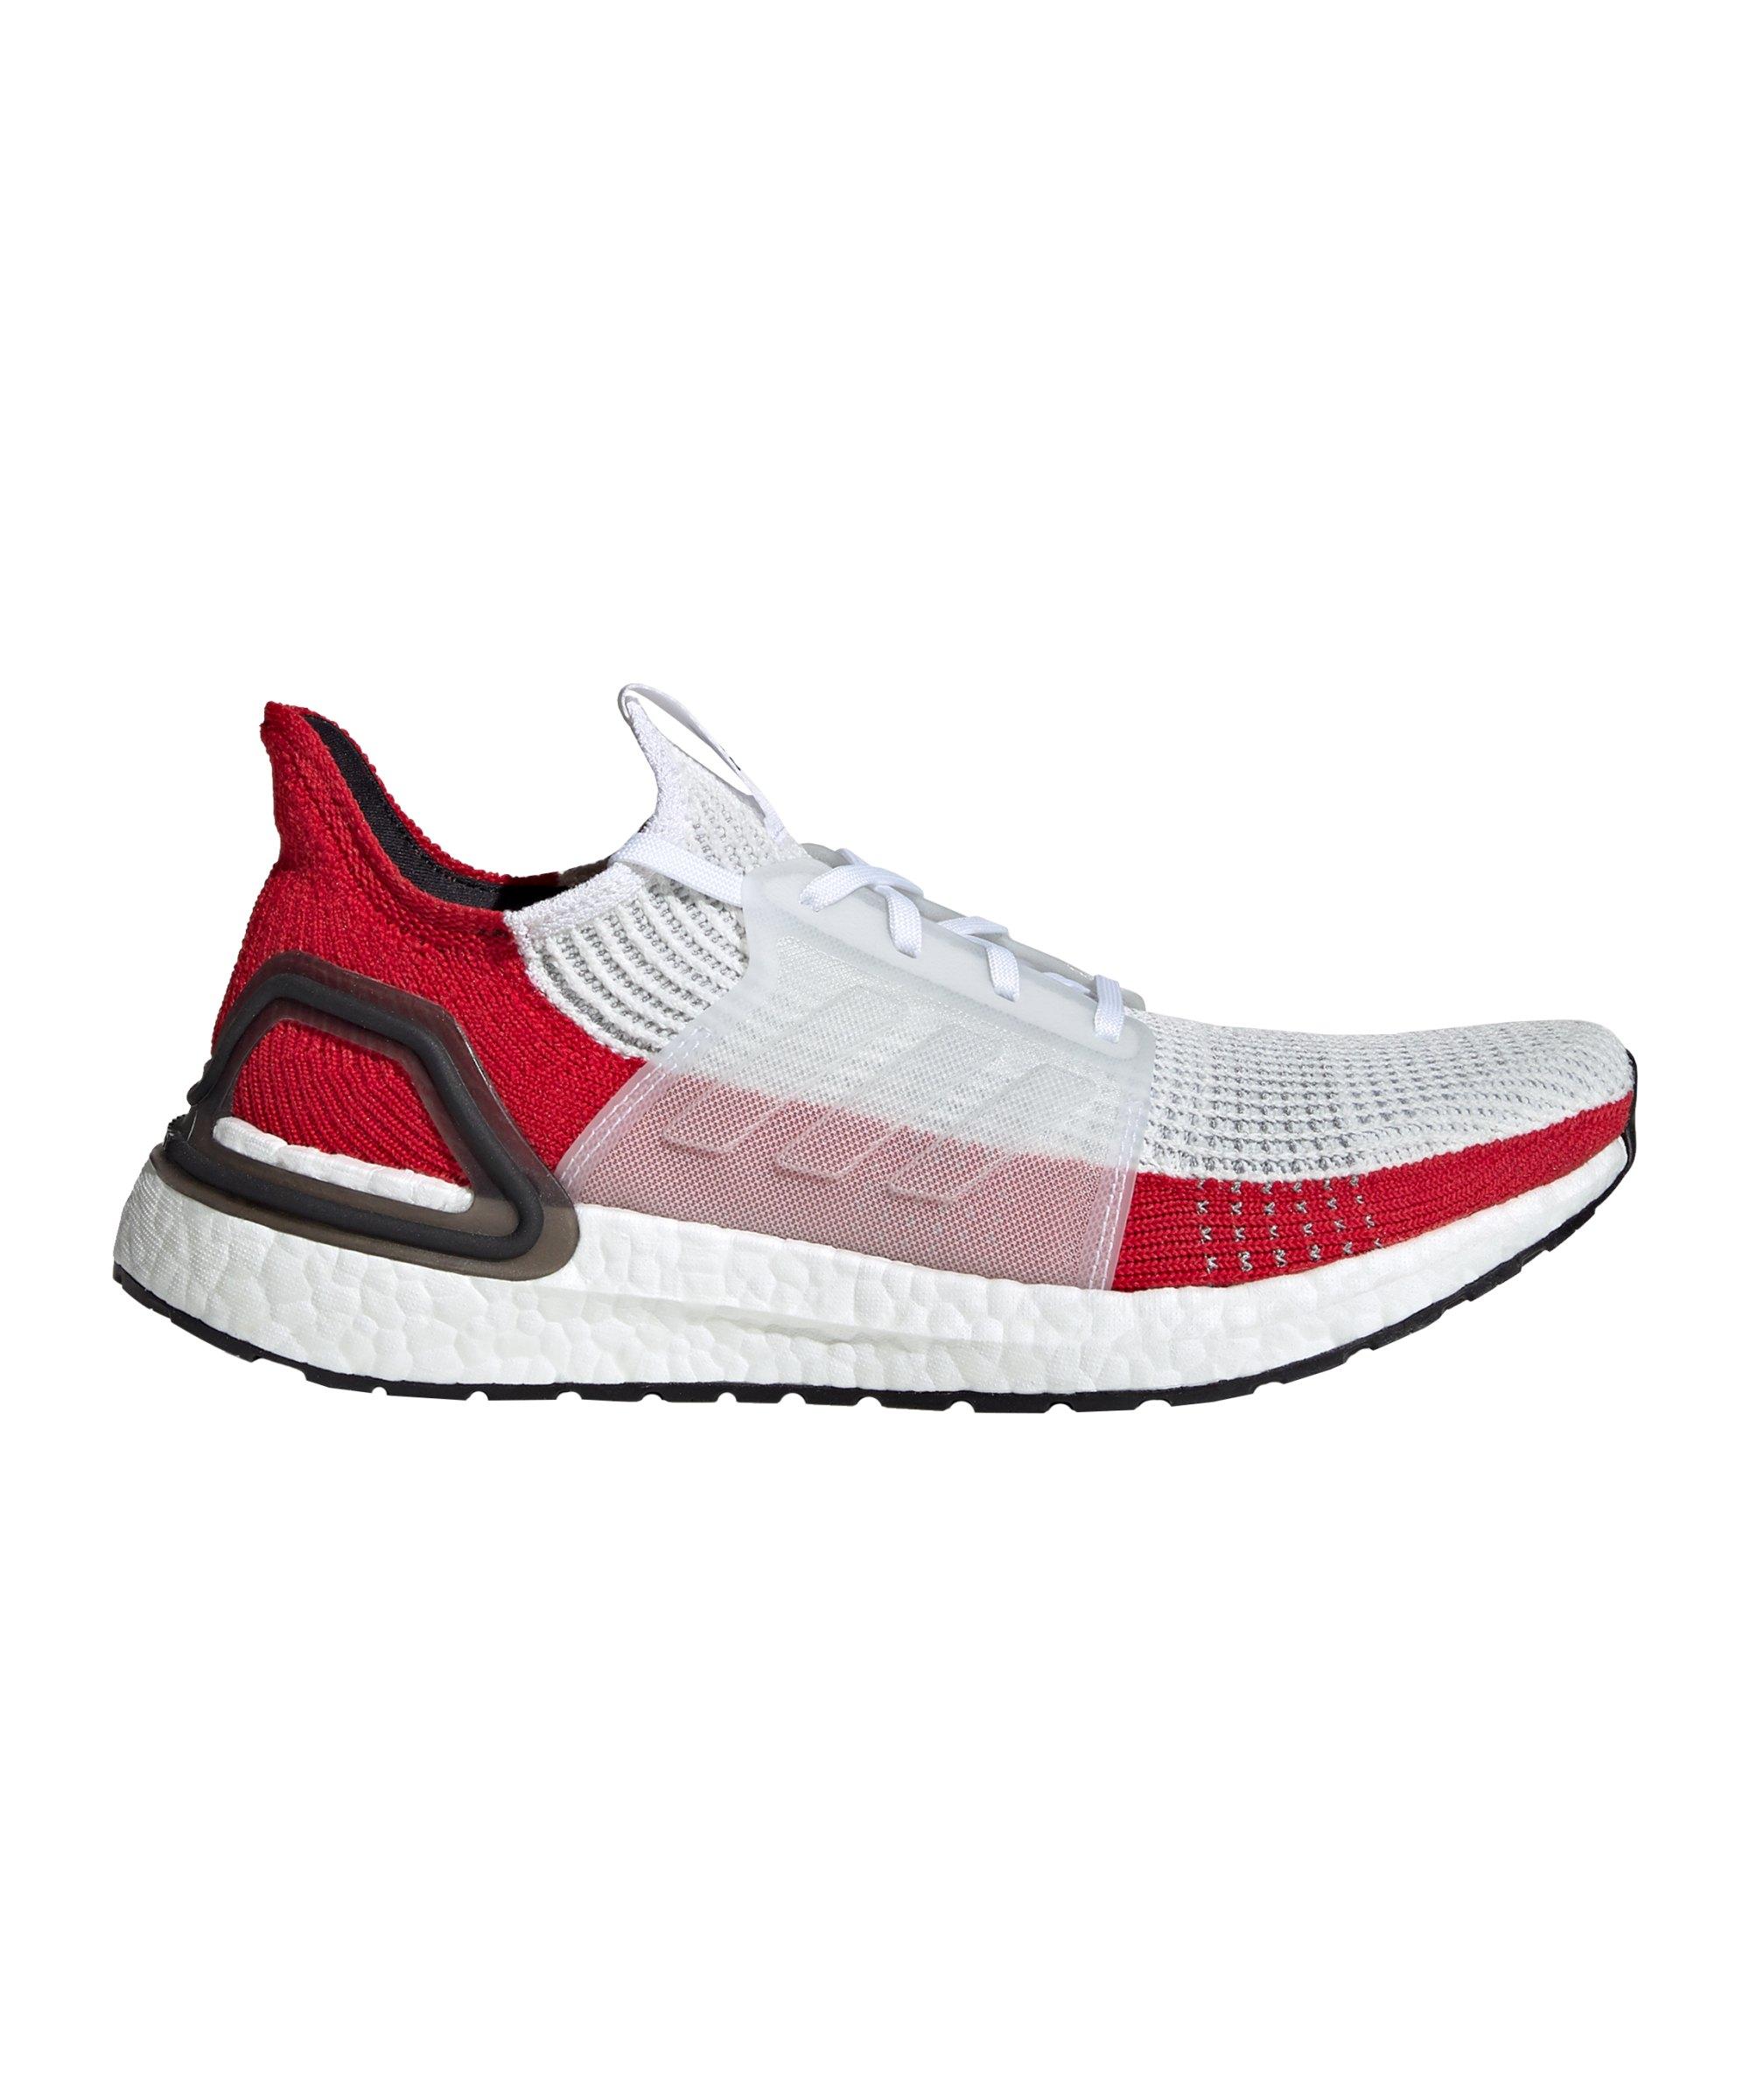 adidas Ultra Boost 19 Running Damen Weiss 40 2/3